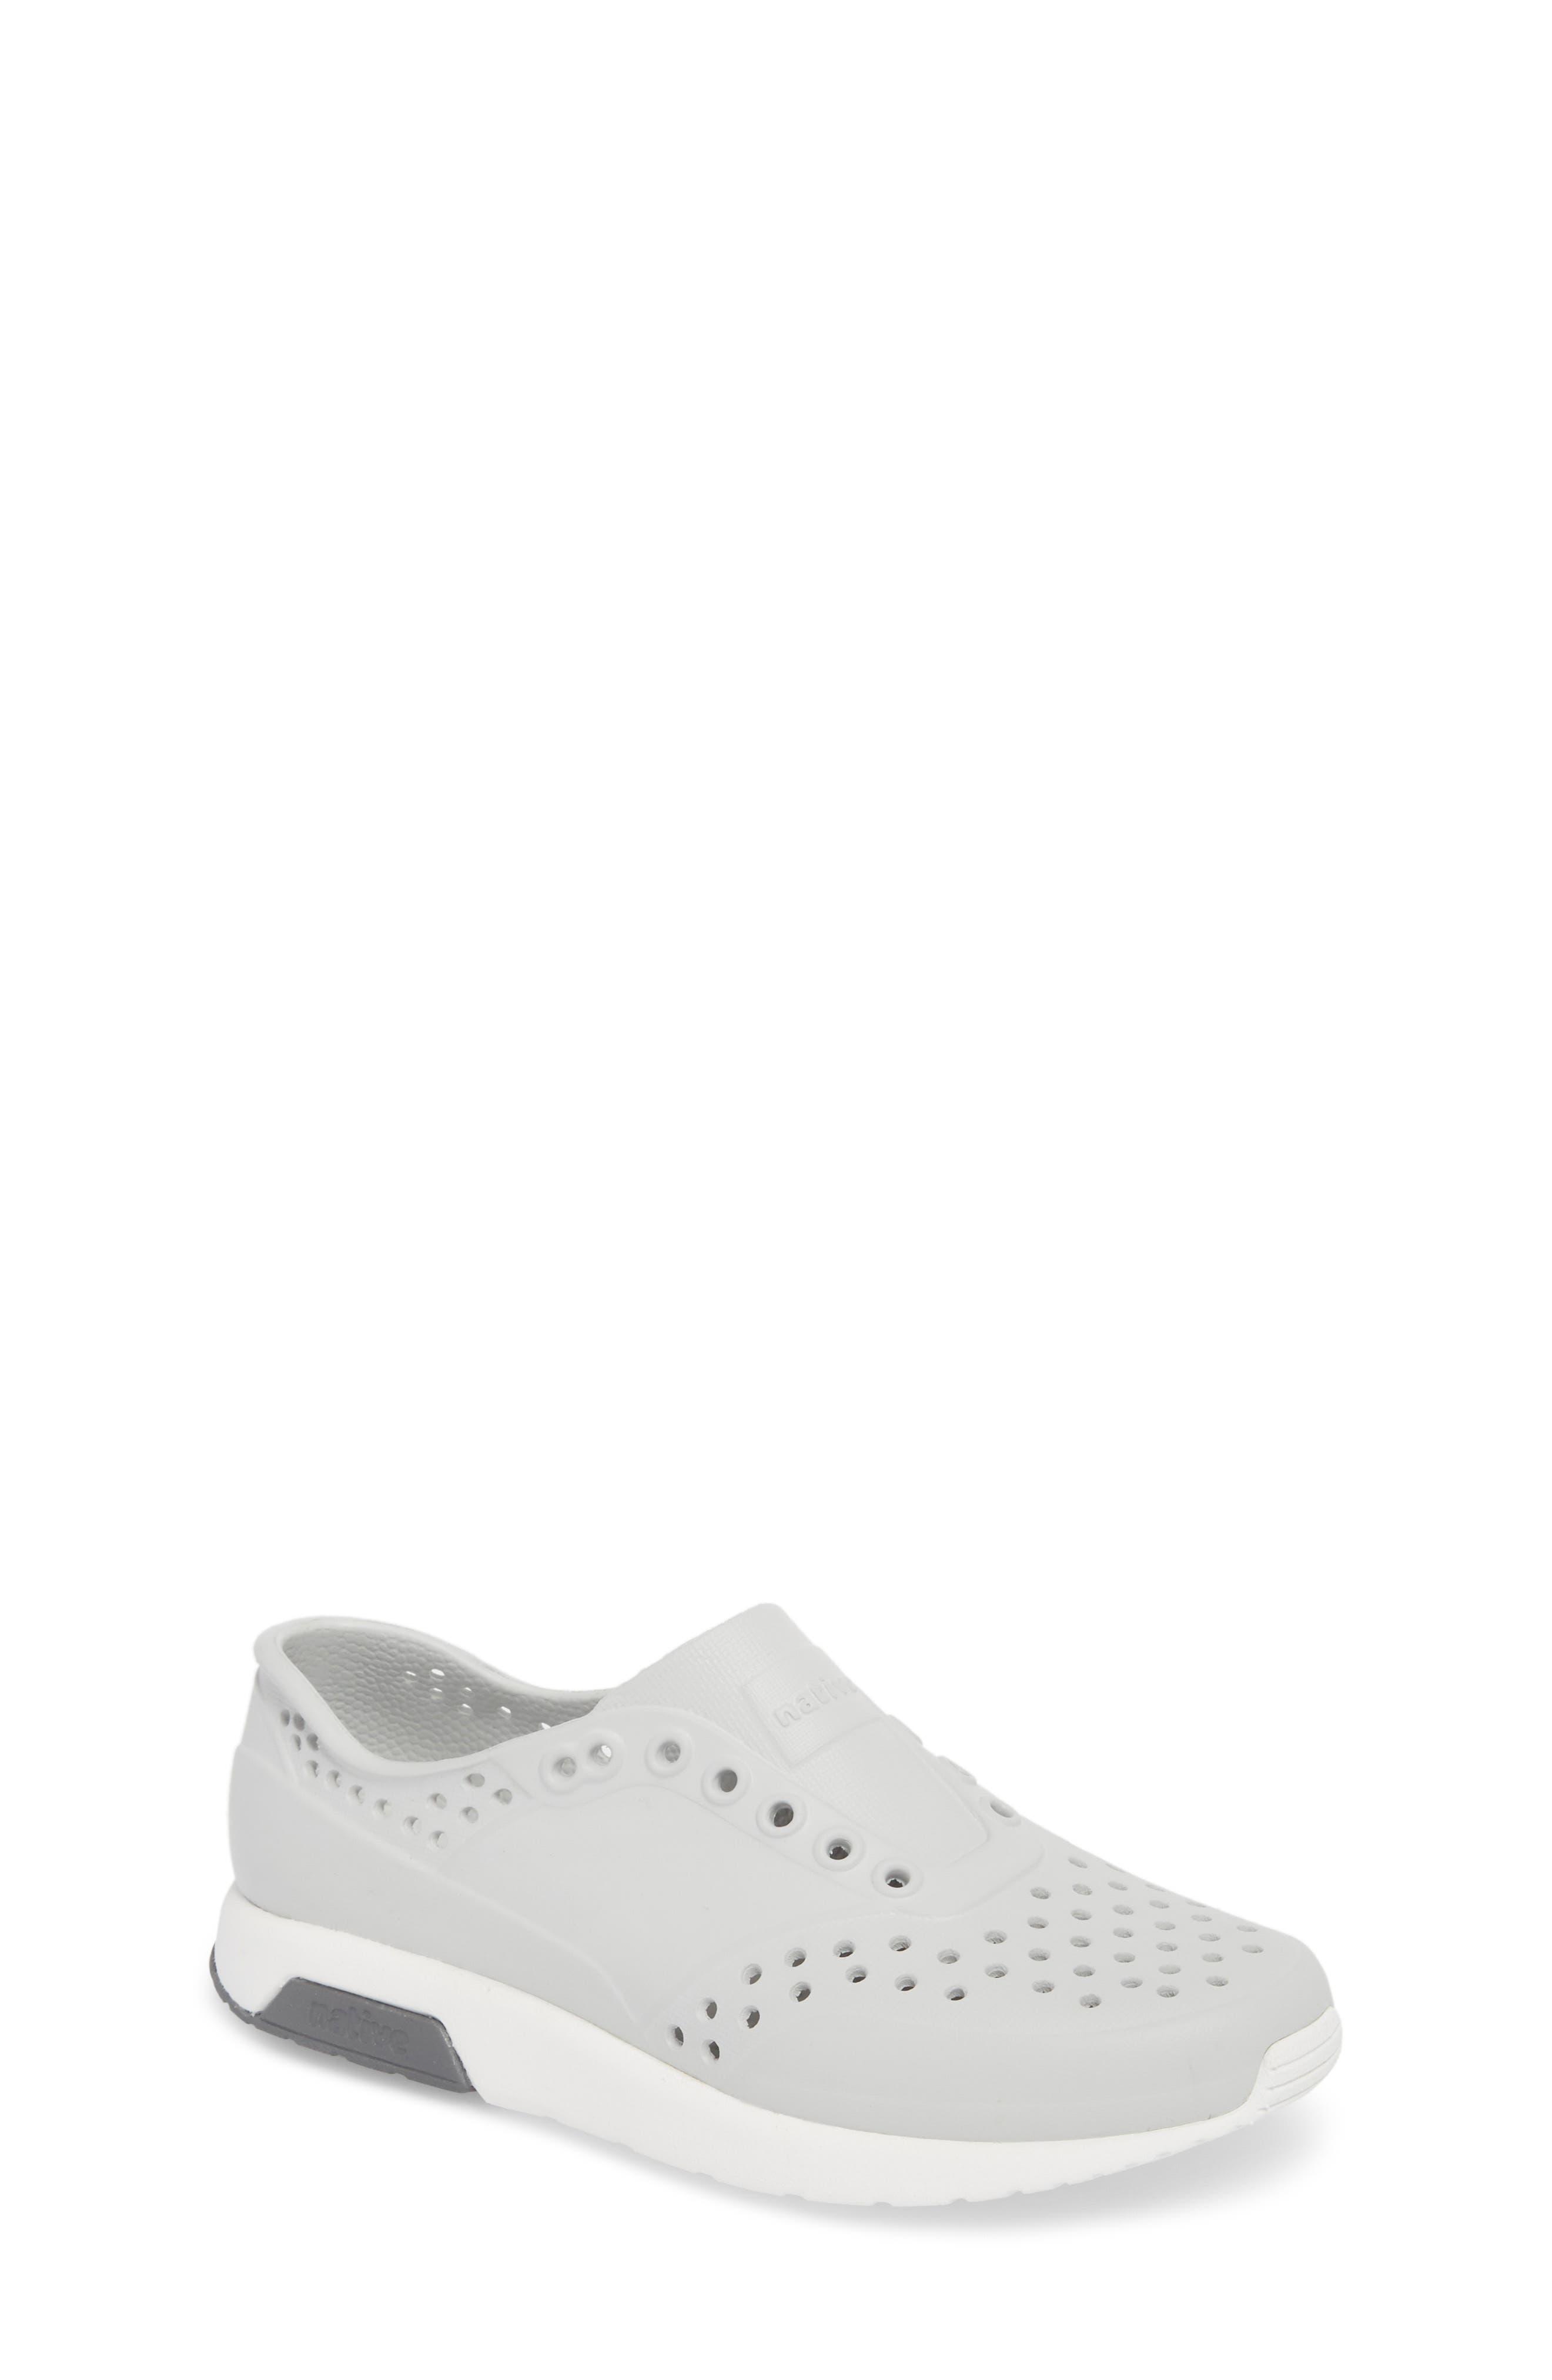 Lennox Slip-On Sneaker,                             Main thumbnail 1, color,                             022